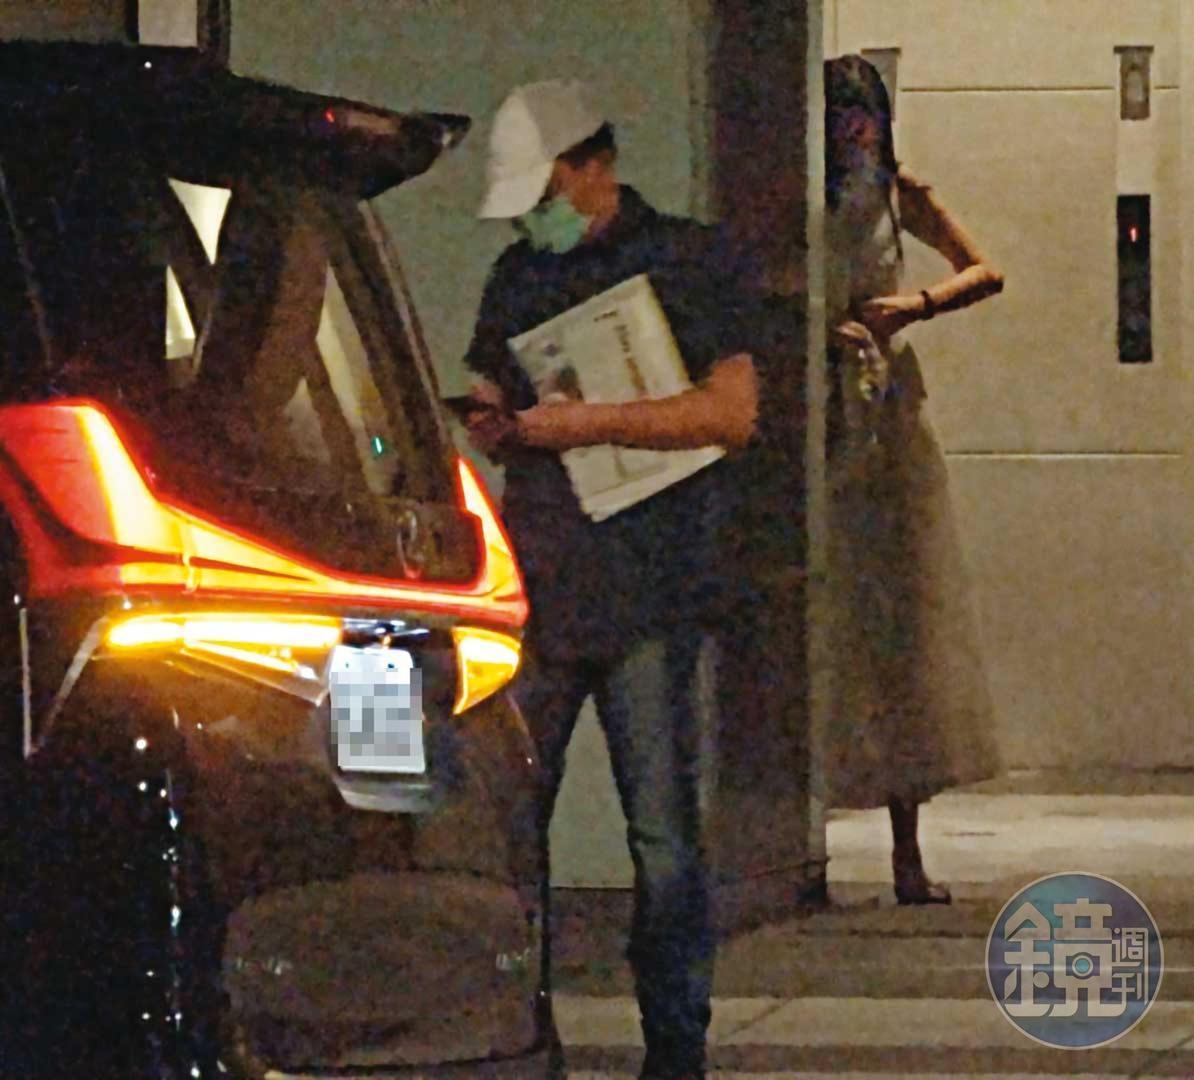 18:16 母親上車後,高志鵬刻意與女友一前一後分開行動,女友待在大樓內先等高上車。